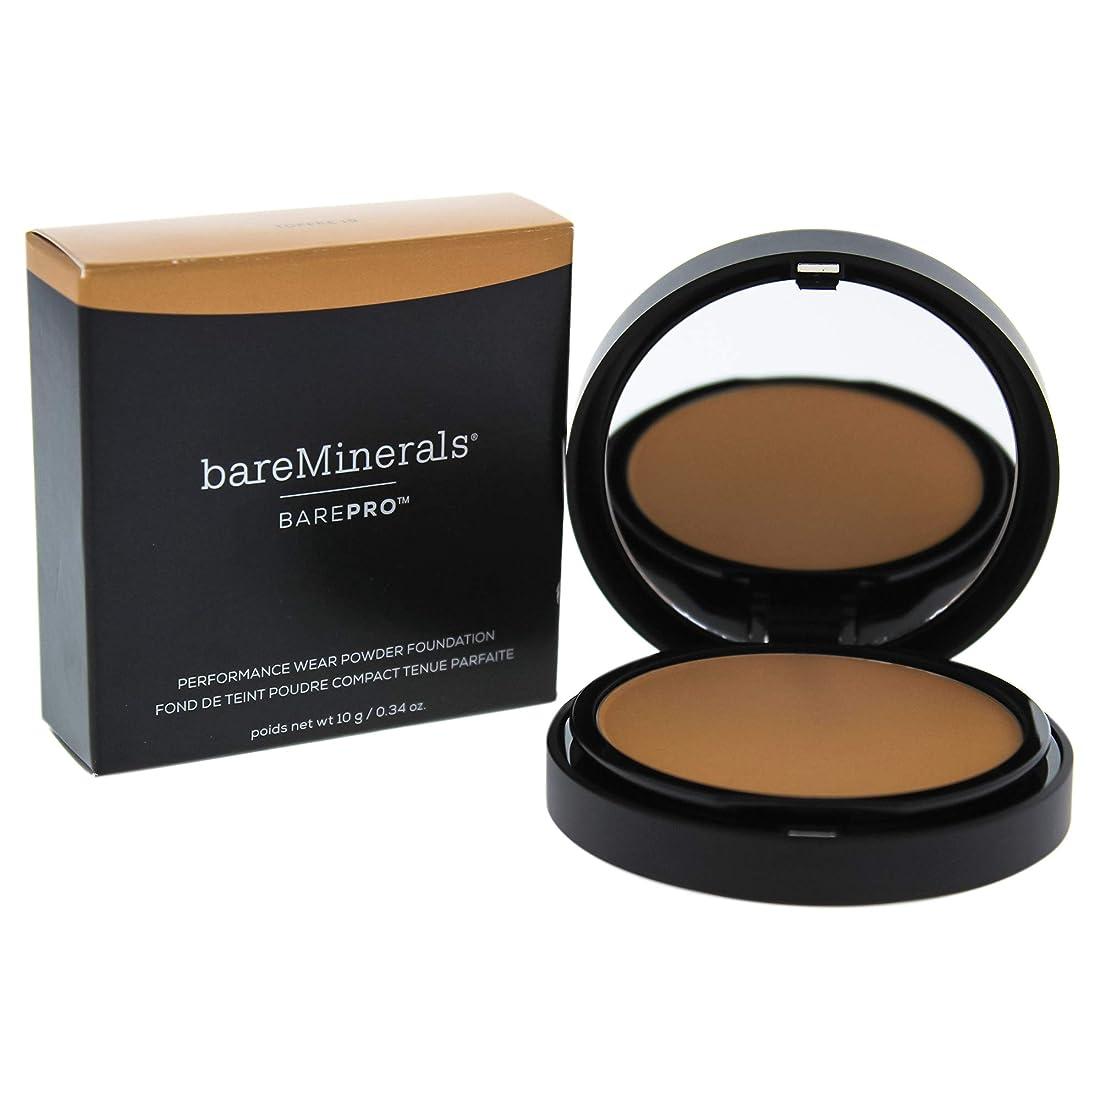 チャットミルコンセンサスベアミネラル BarePro Performance Wear Powder Foundation - # 19 Toffee 10g/0.34oz並行輸入品